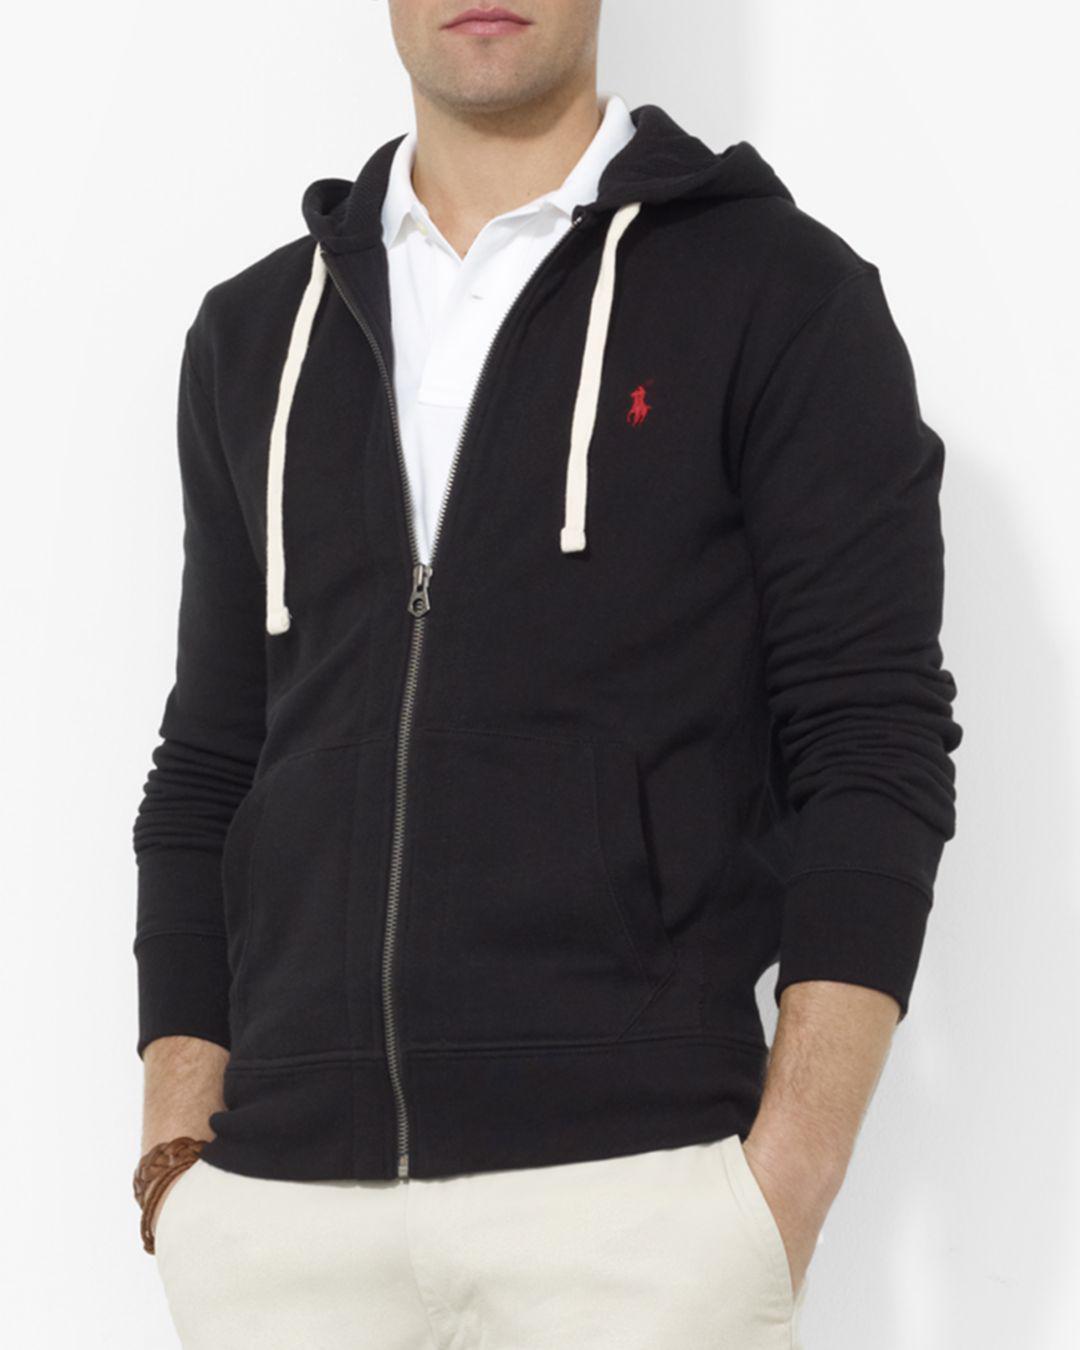 3278c47dd Lyst - Polo Ralph Lauren Classic Full-Zip Fleece Hoodie in Black for ...